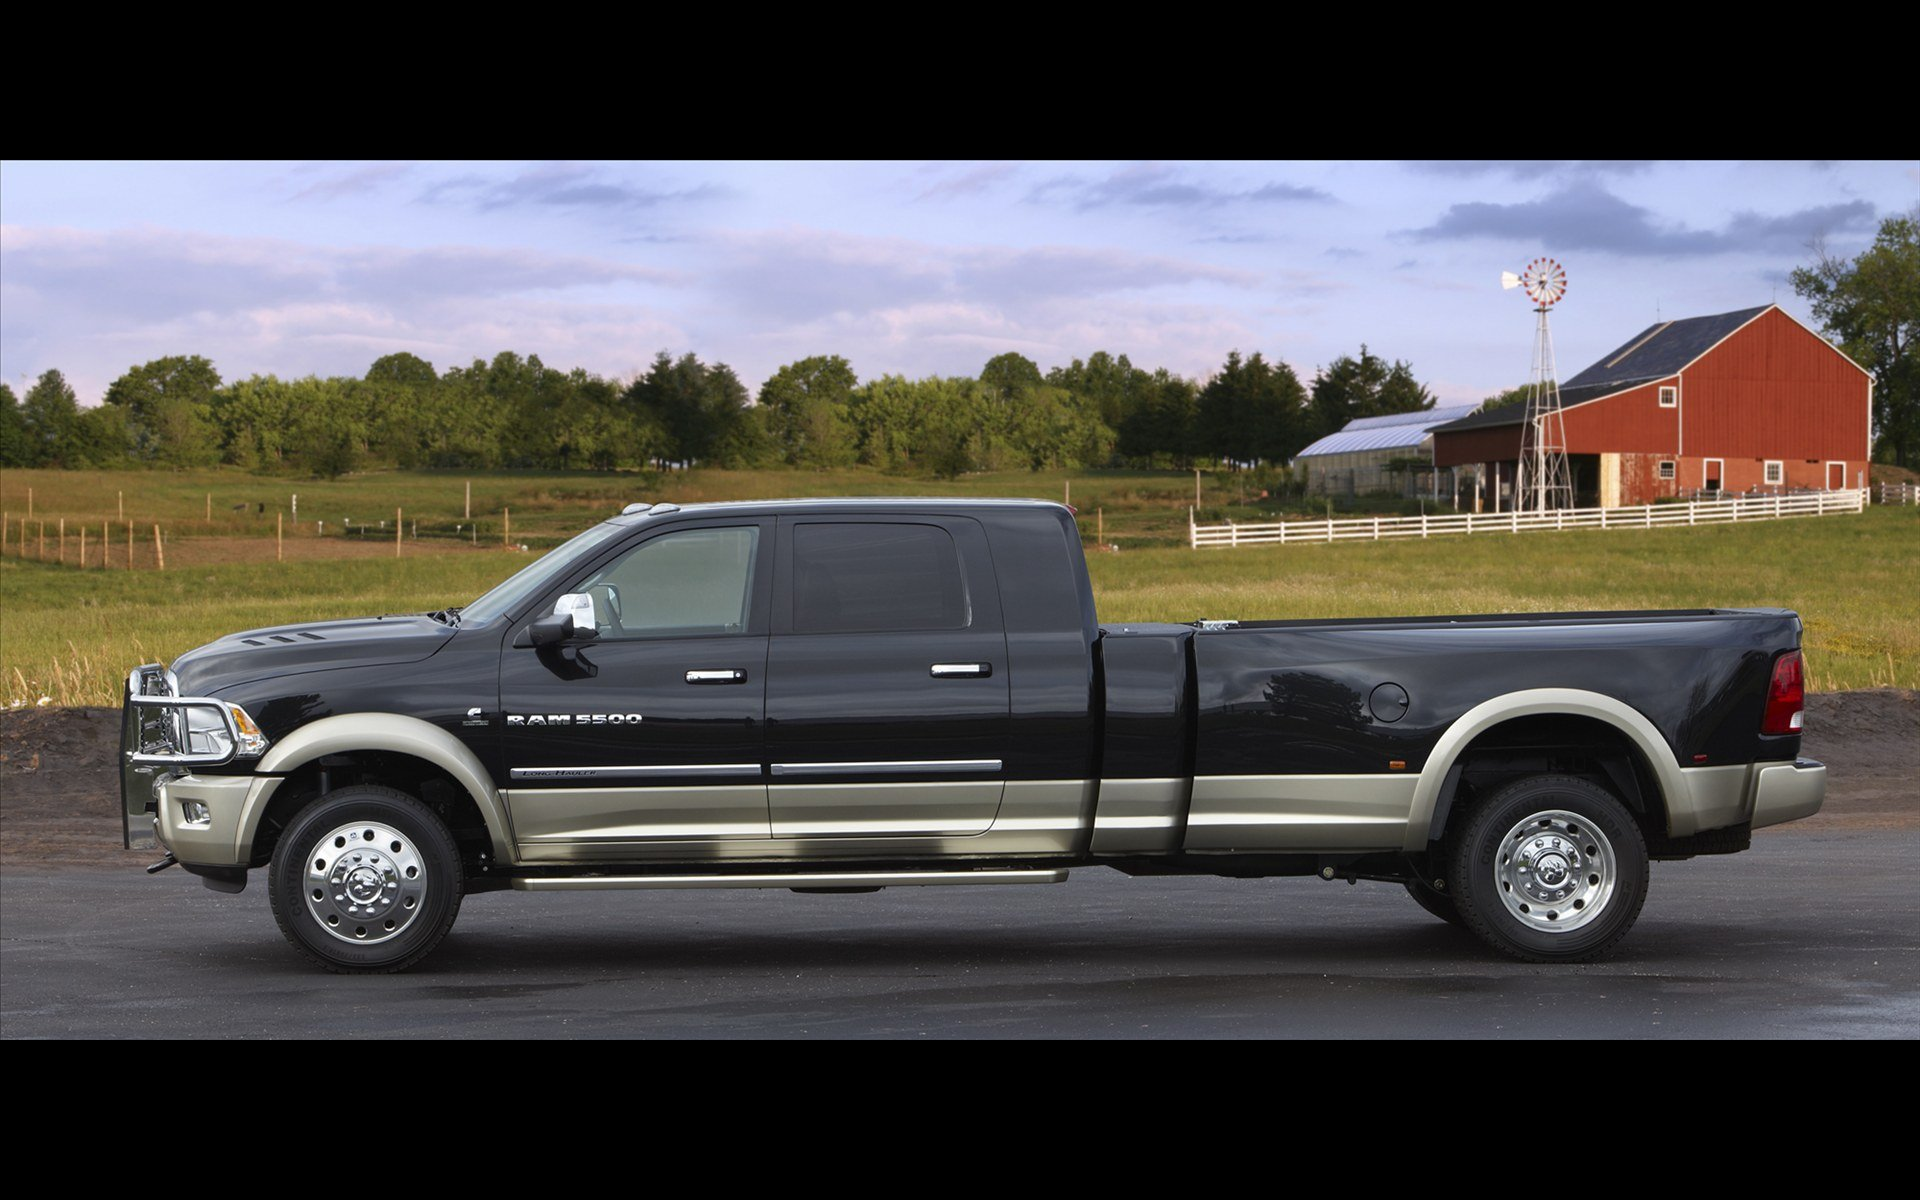 Dodge Ram 5500 trucks farm